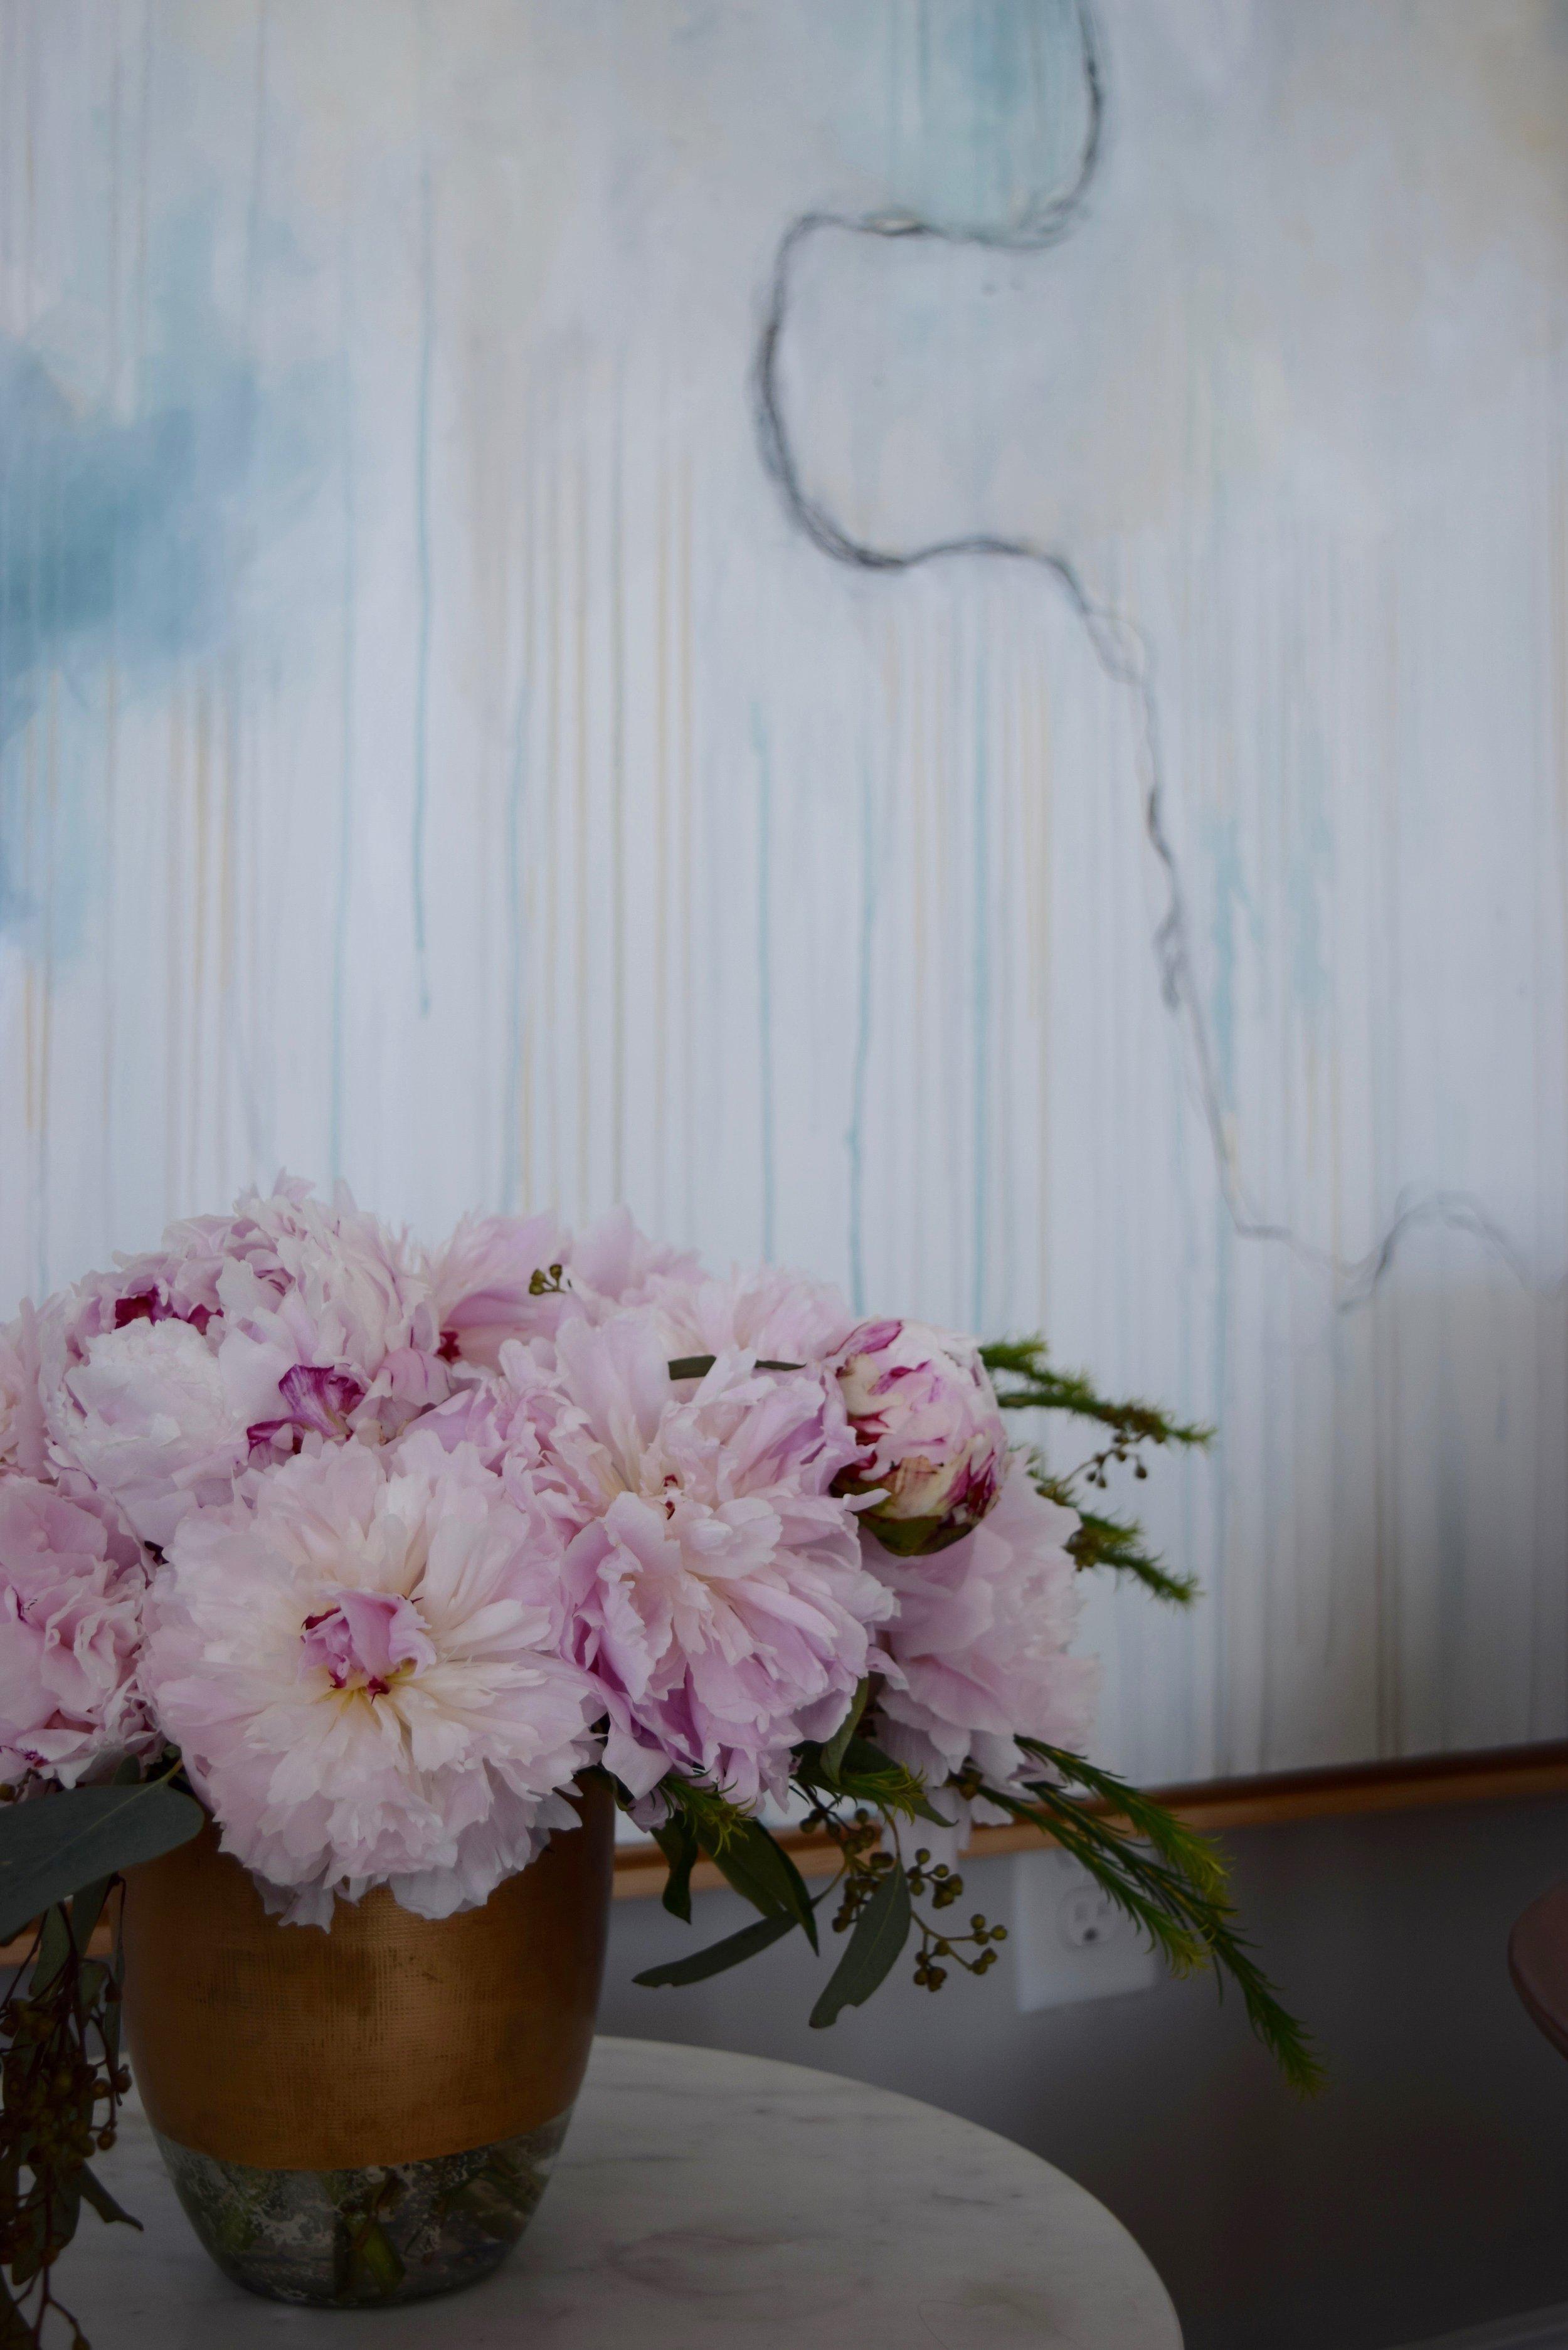 Paint and Peonies Lauren Bolshakov